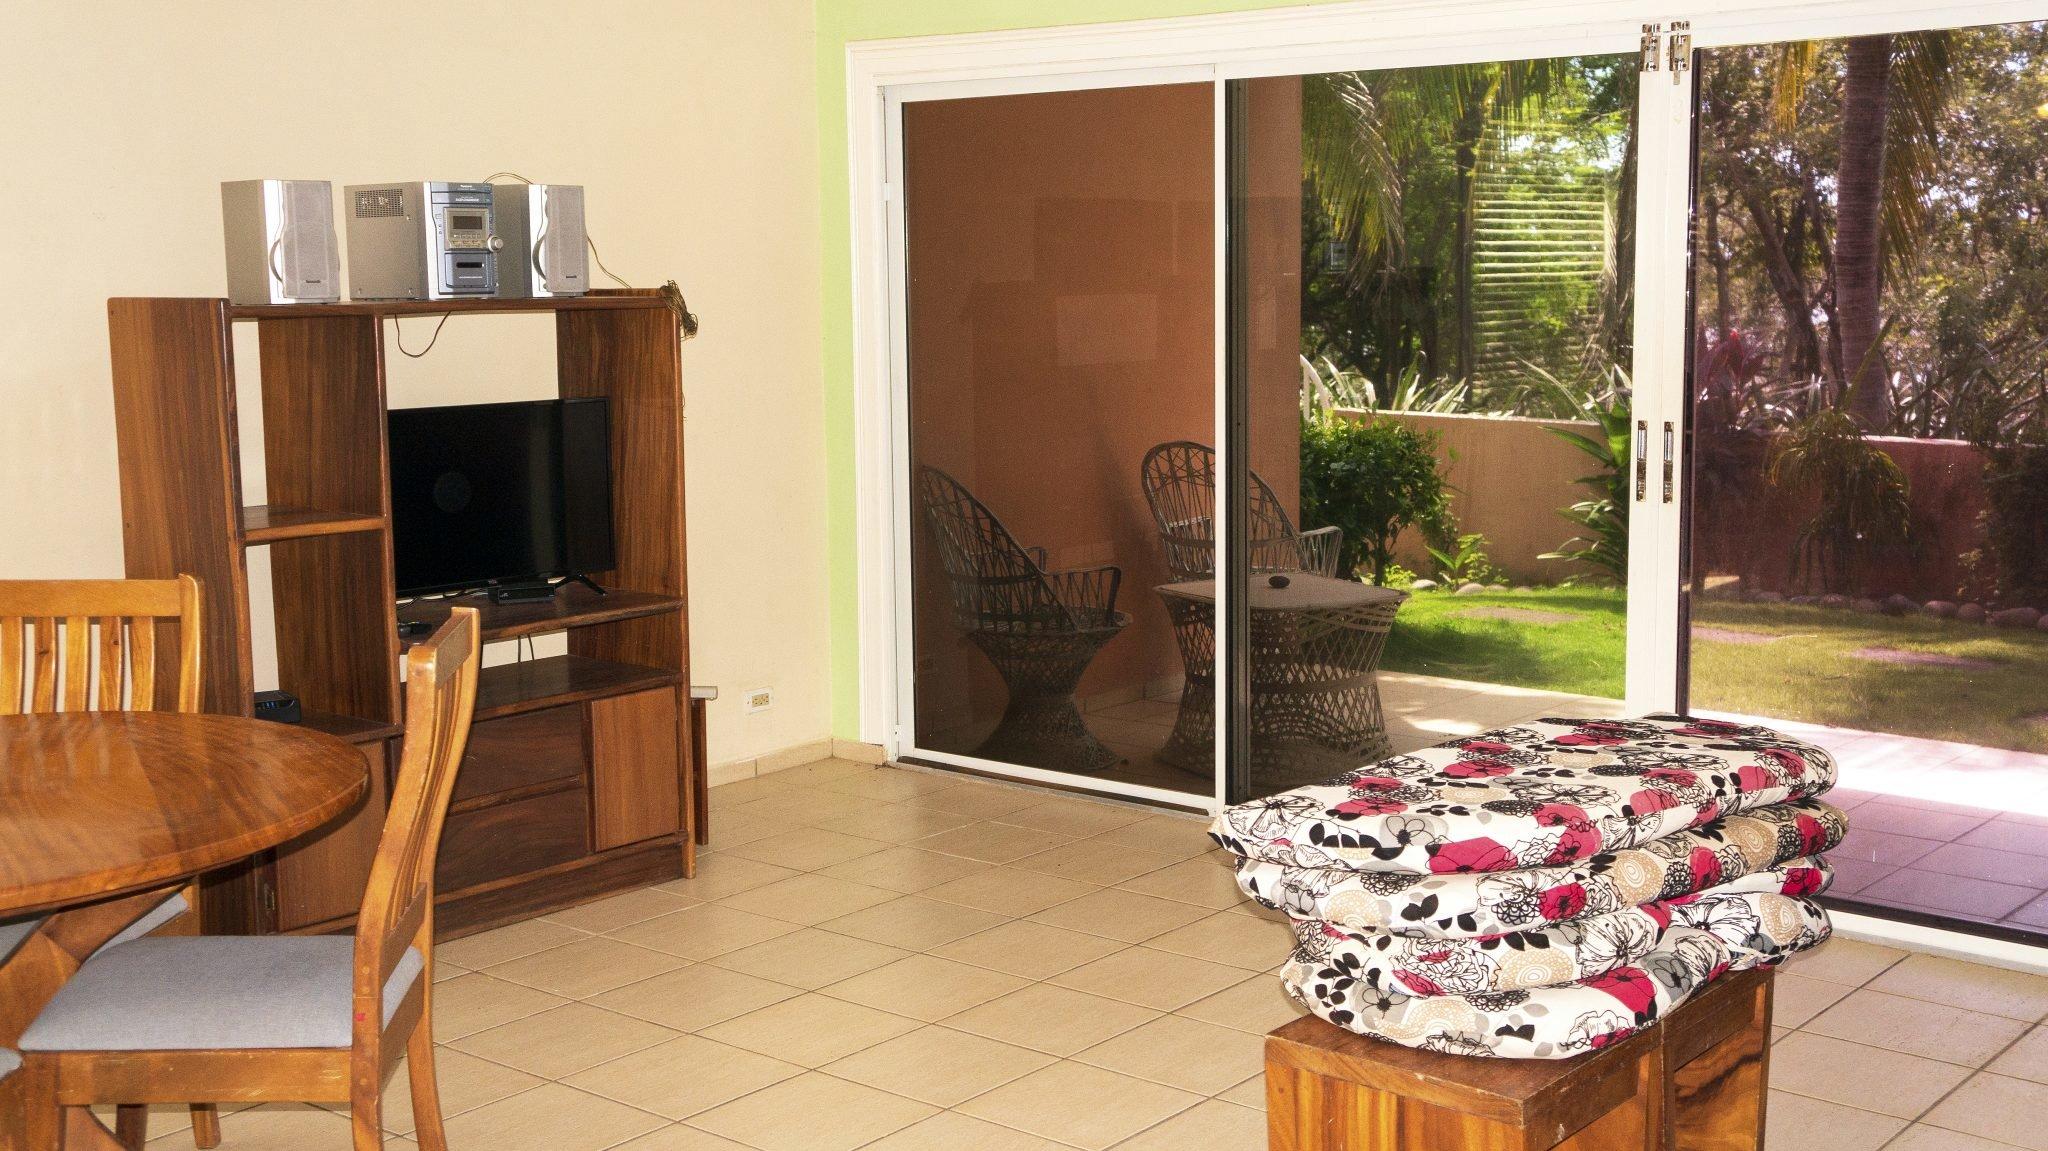 BL30 - Living Room + TV